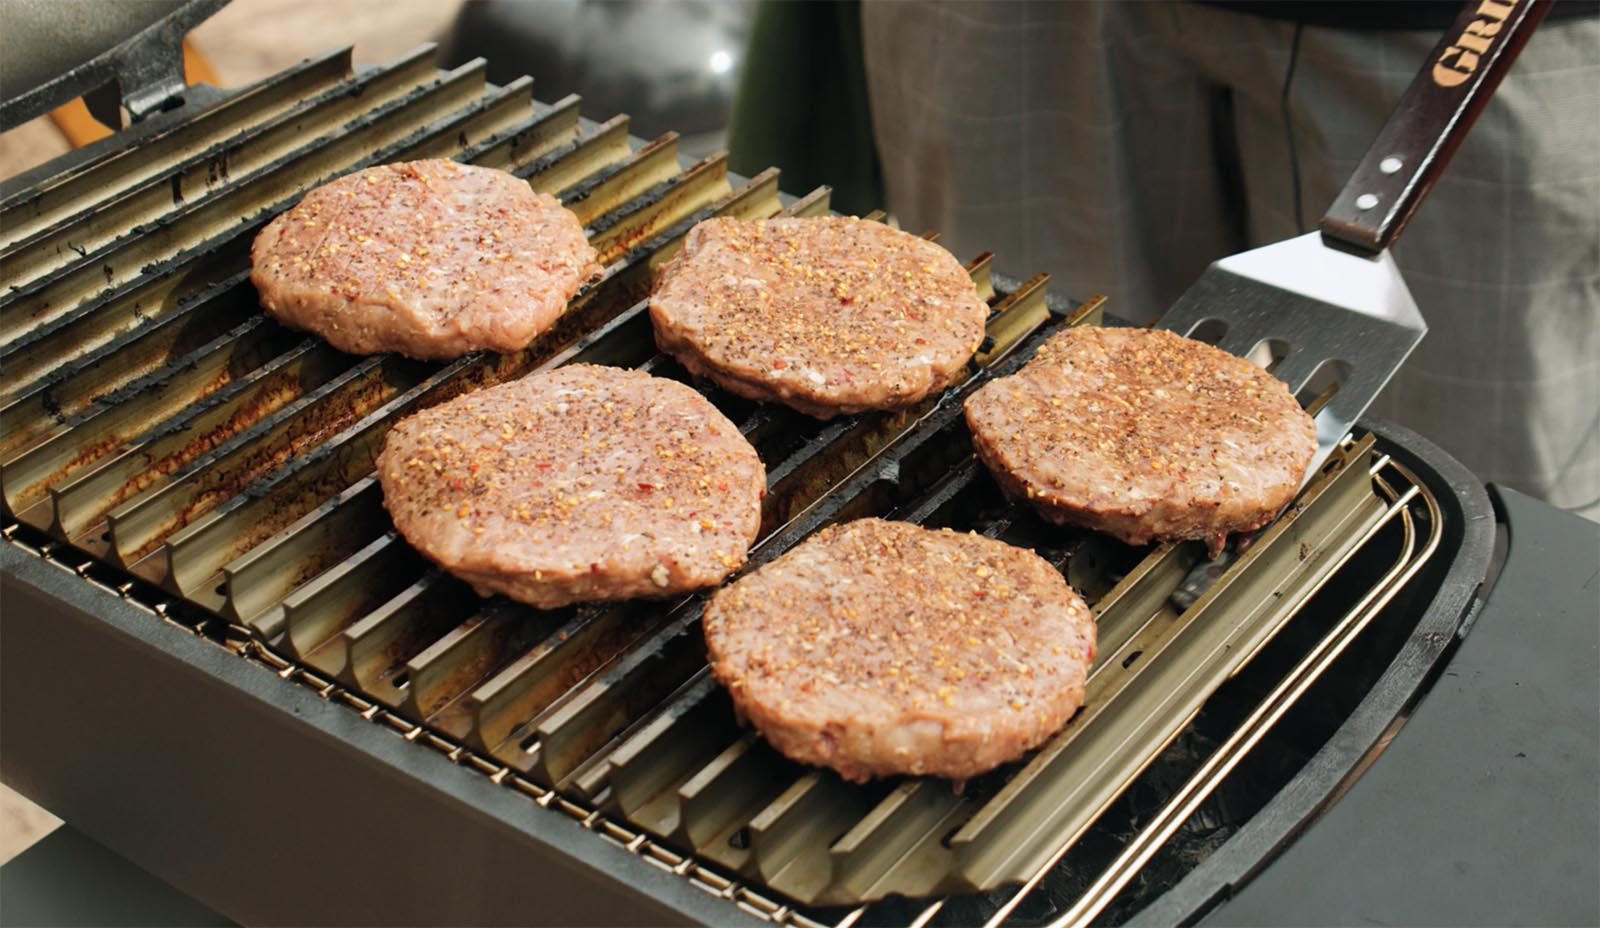 Seasoned wagyu burgers on a PK Grill